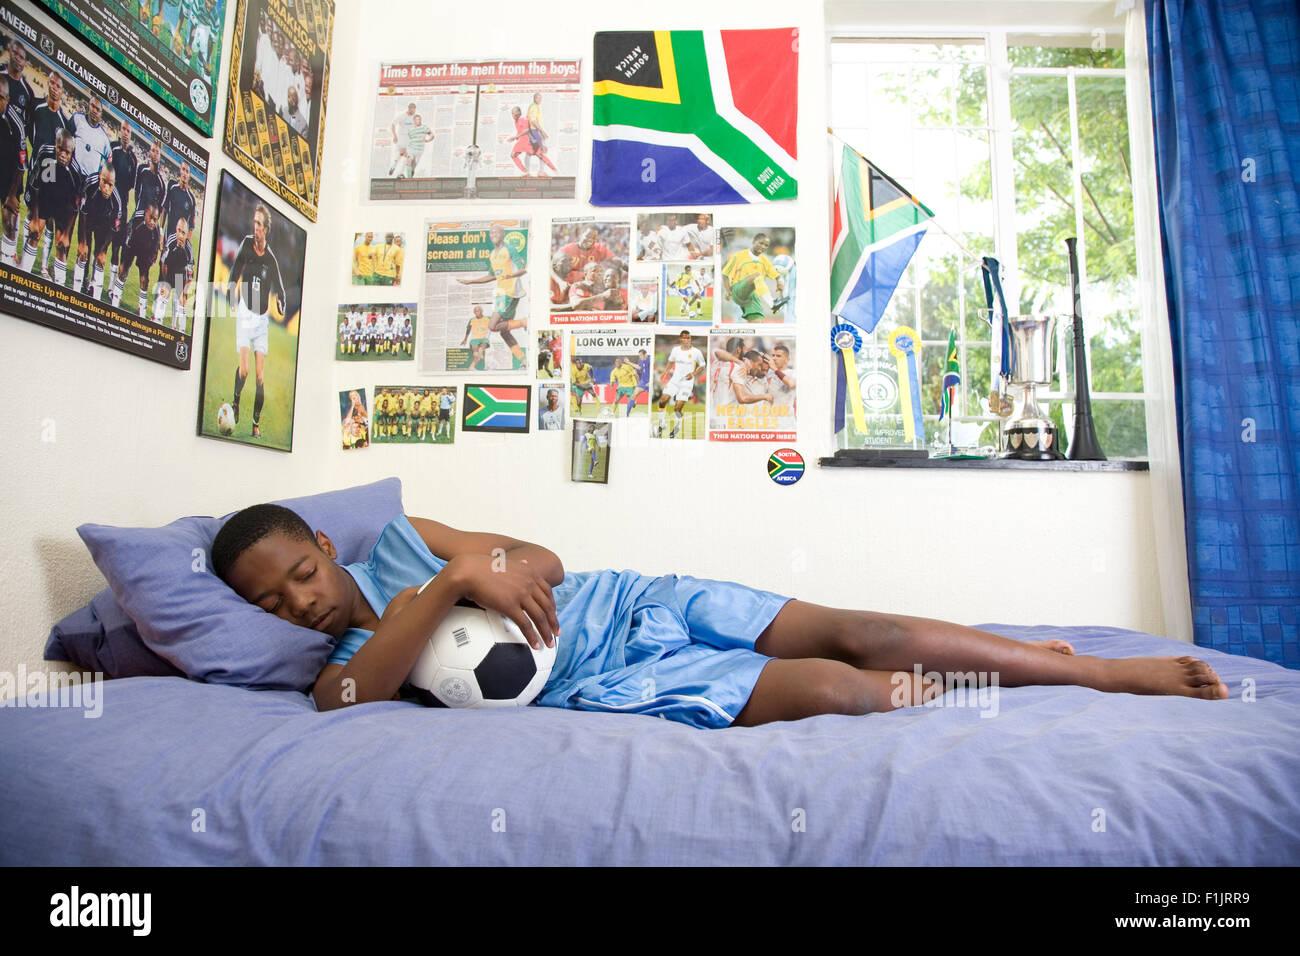 Jungen Fußball-Fan in seinem Schlafzimmer Stockfoto, Bild: 87080317 ...